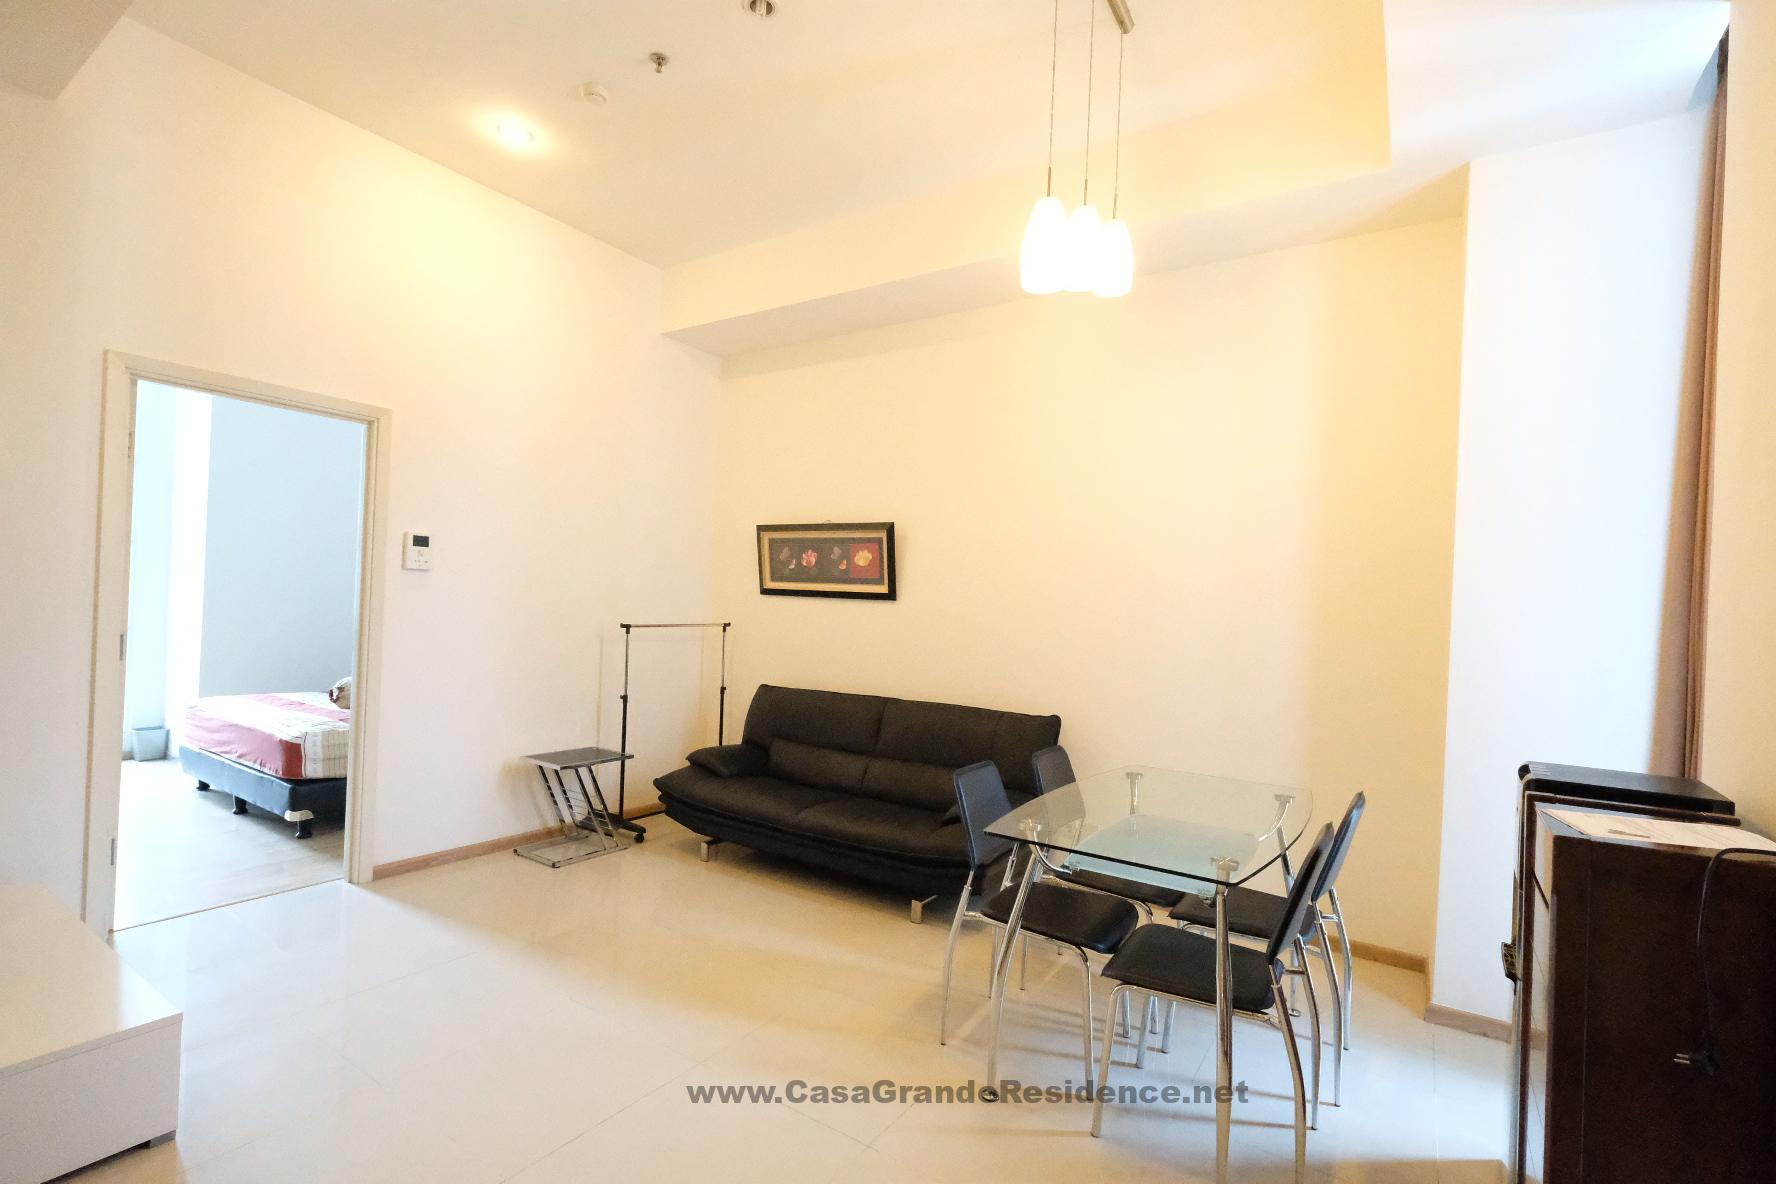 1139-id-casa-grande-residence-living-room